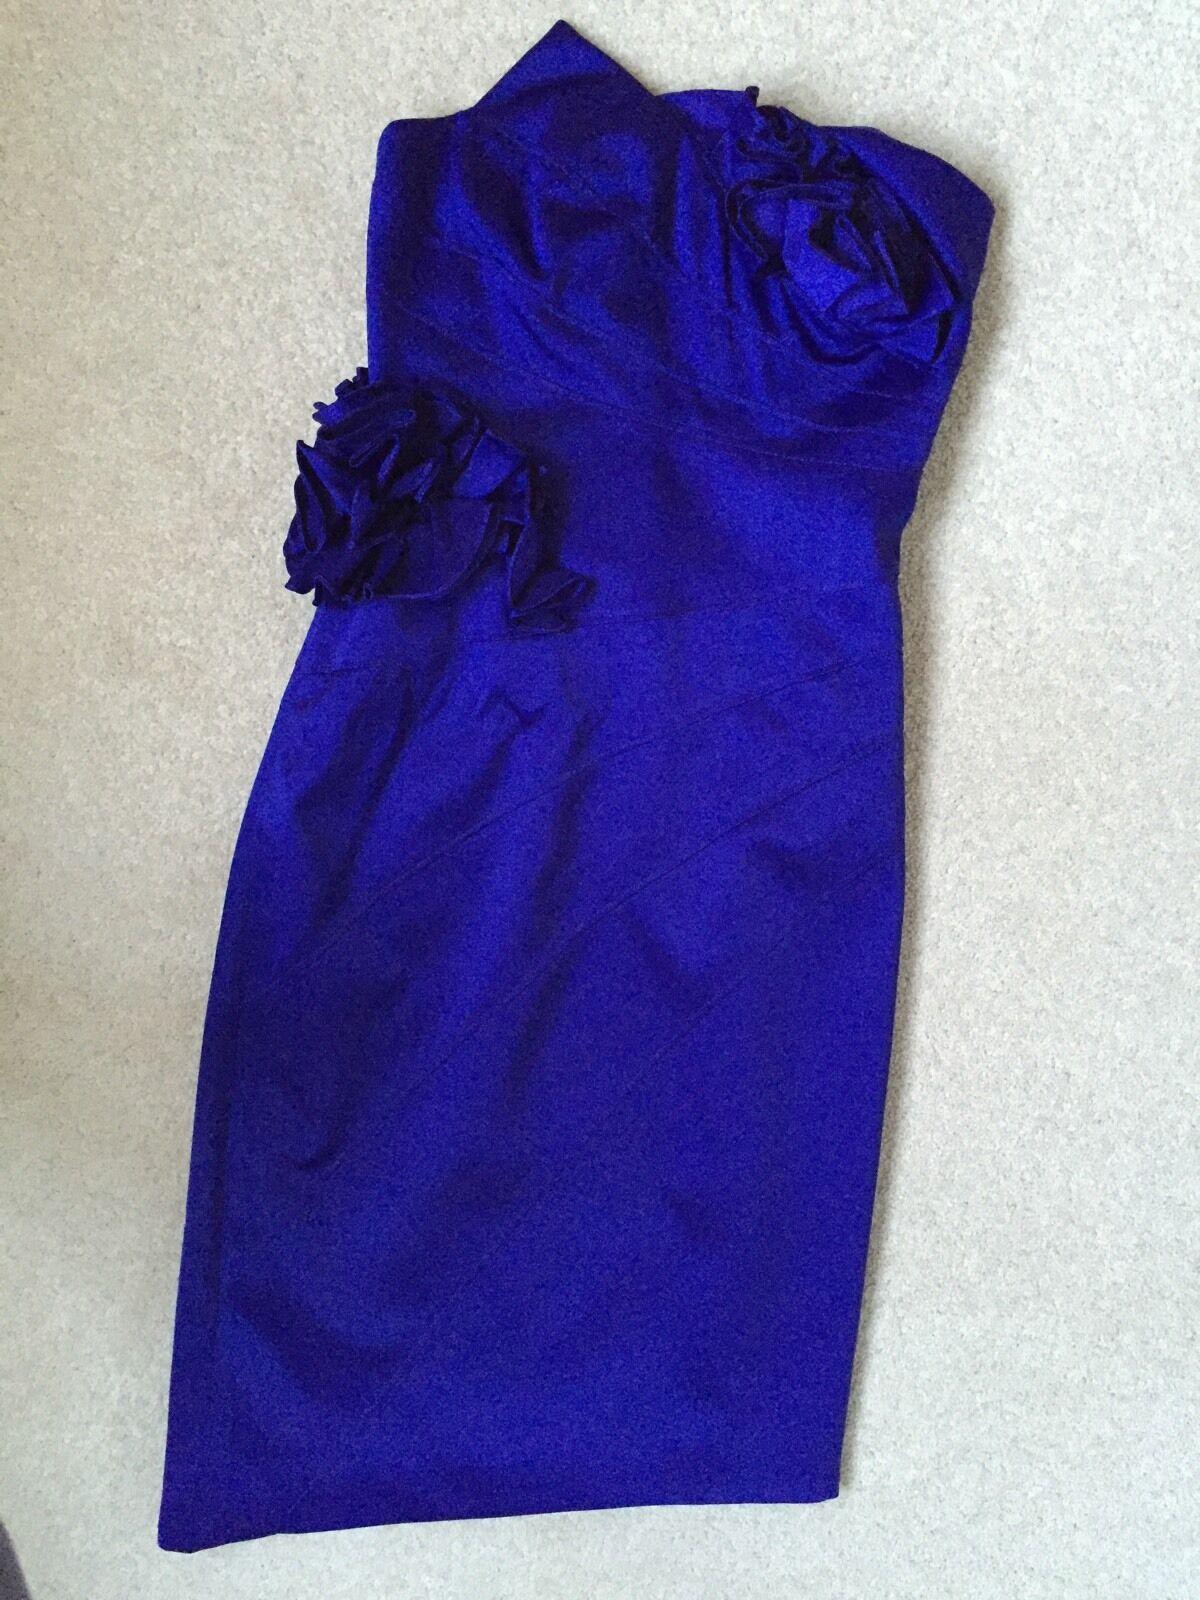 Cocktail Evening Dress Karen Millen Blau UK Größe 6 Silky